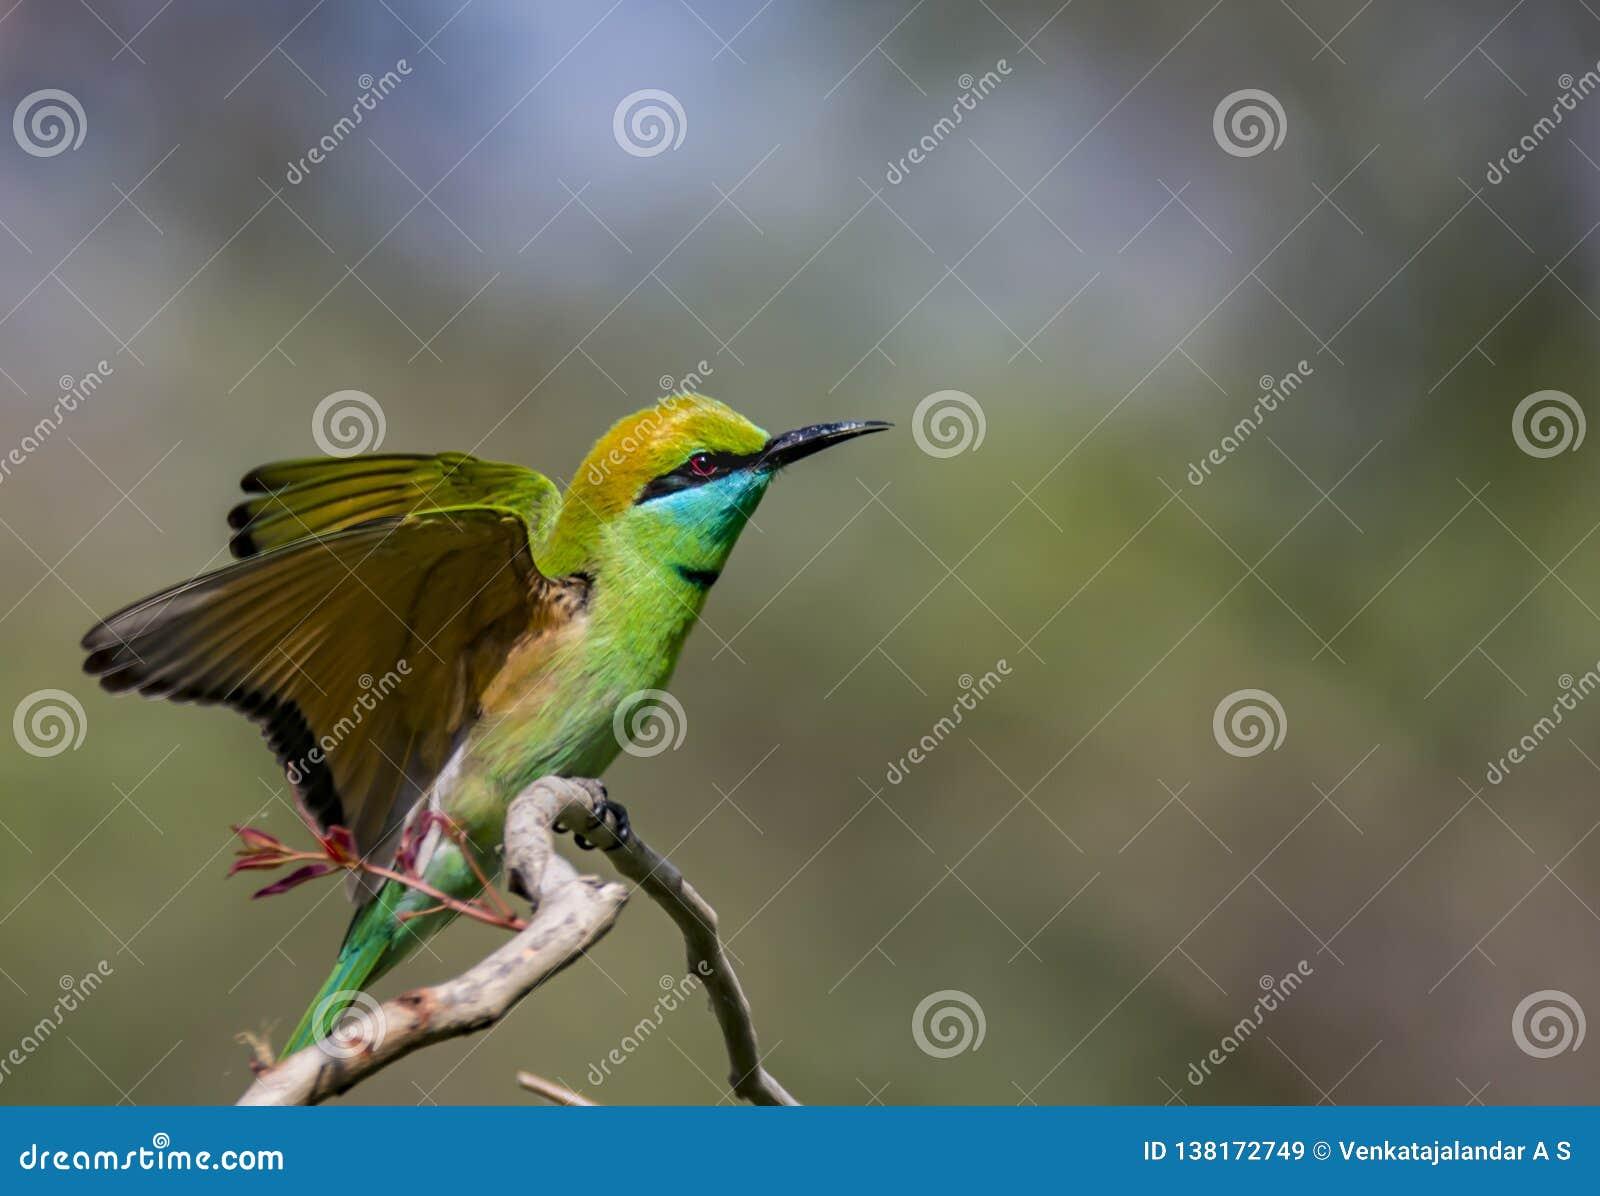 Aterrissagem: Orientalis do Merops ou o comedor de abelha verde